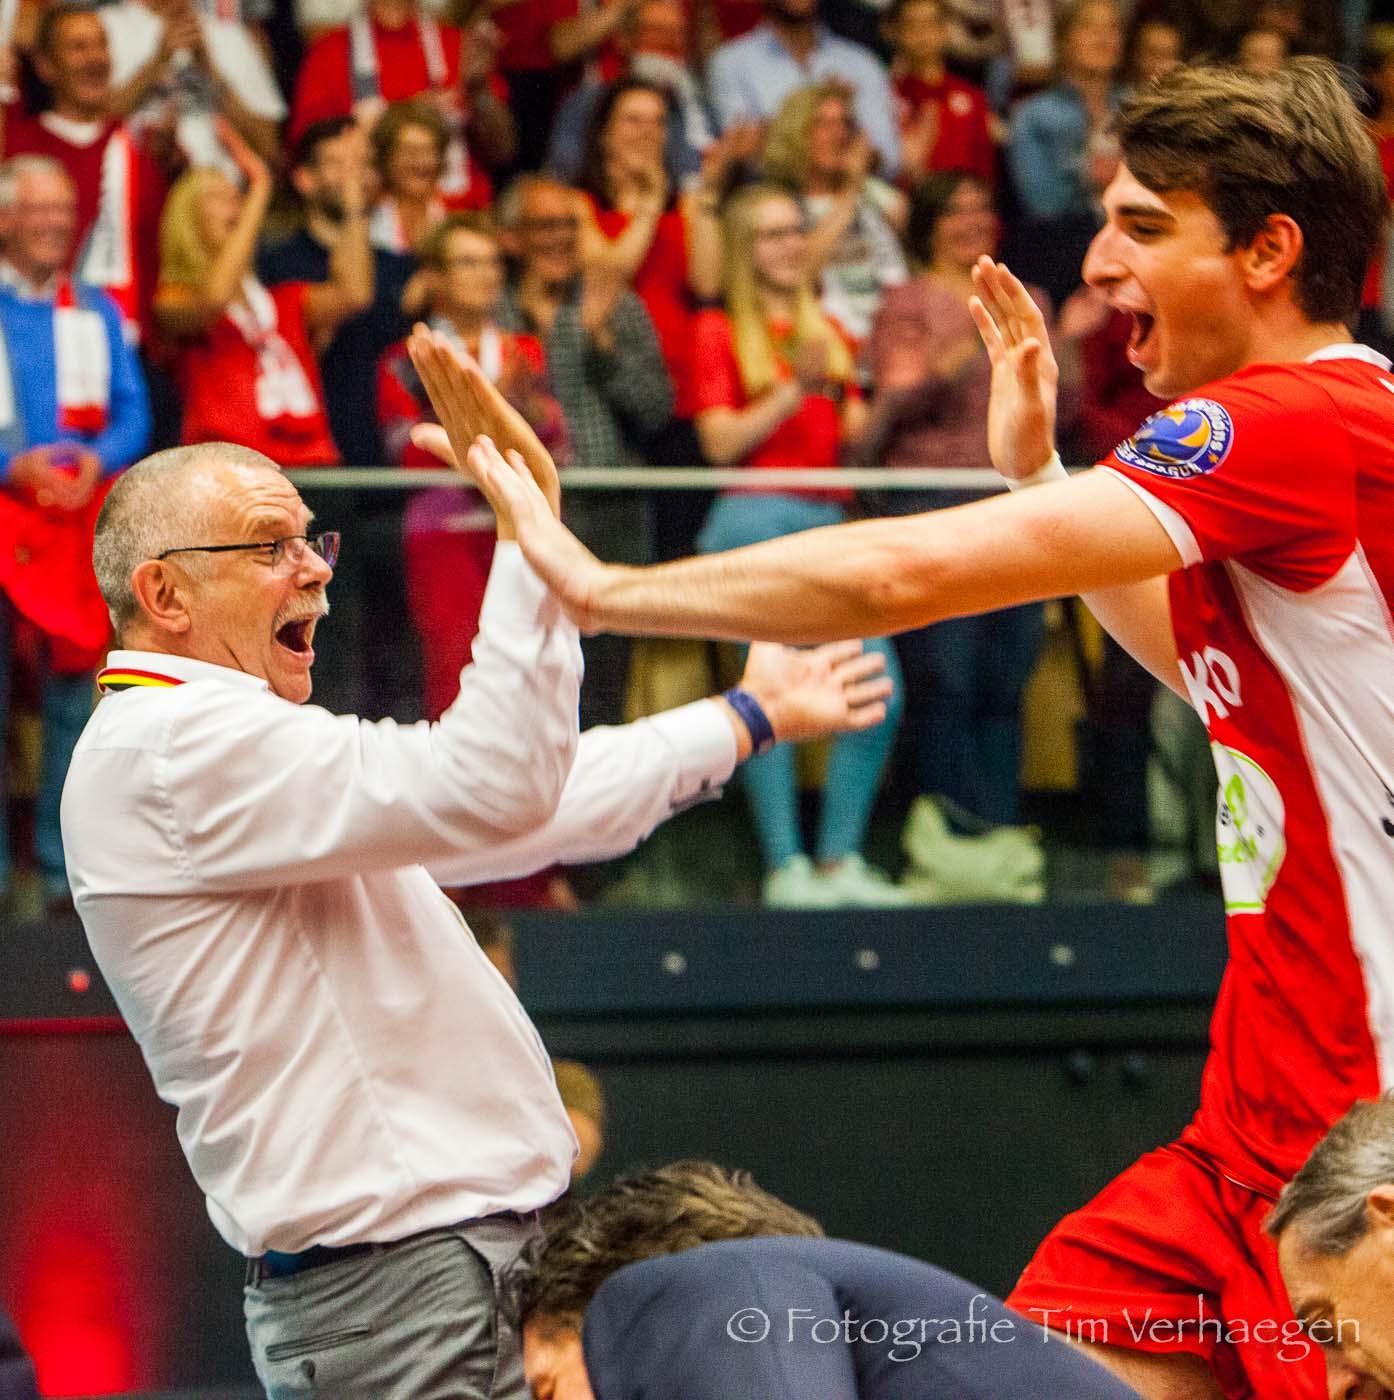 20182804: Ivo Rutten van Noliko Maaseik viert in de Steengoed Arena de titel in de EuroMillions Volley League.